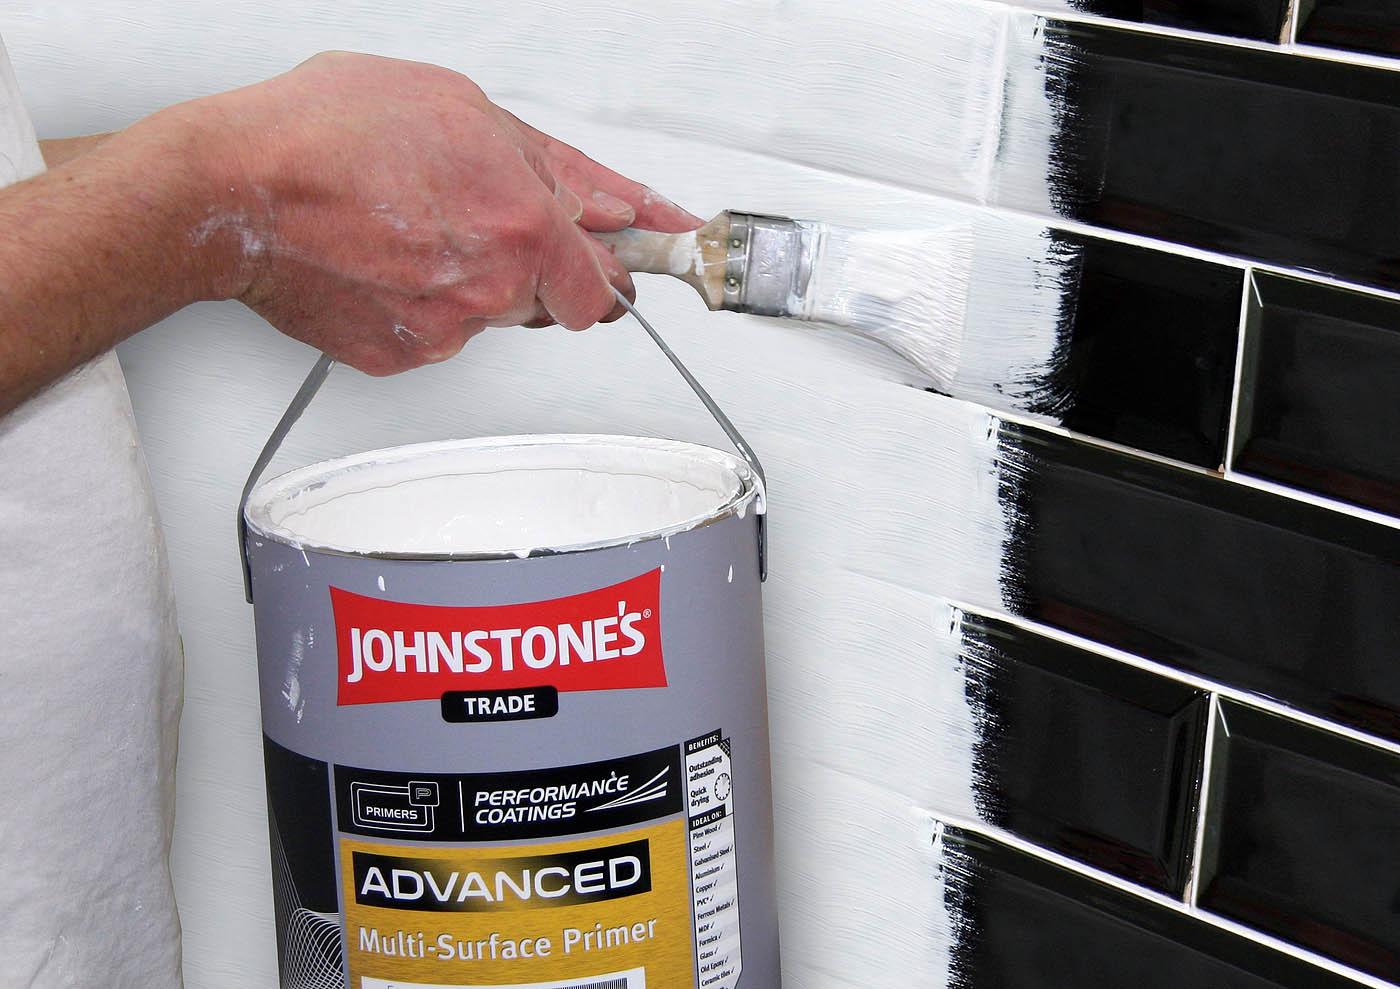 johnstone 39 s advanced multi surface primer pdn. Black Bedroom Furniture Sets. Home Design Ideas